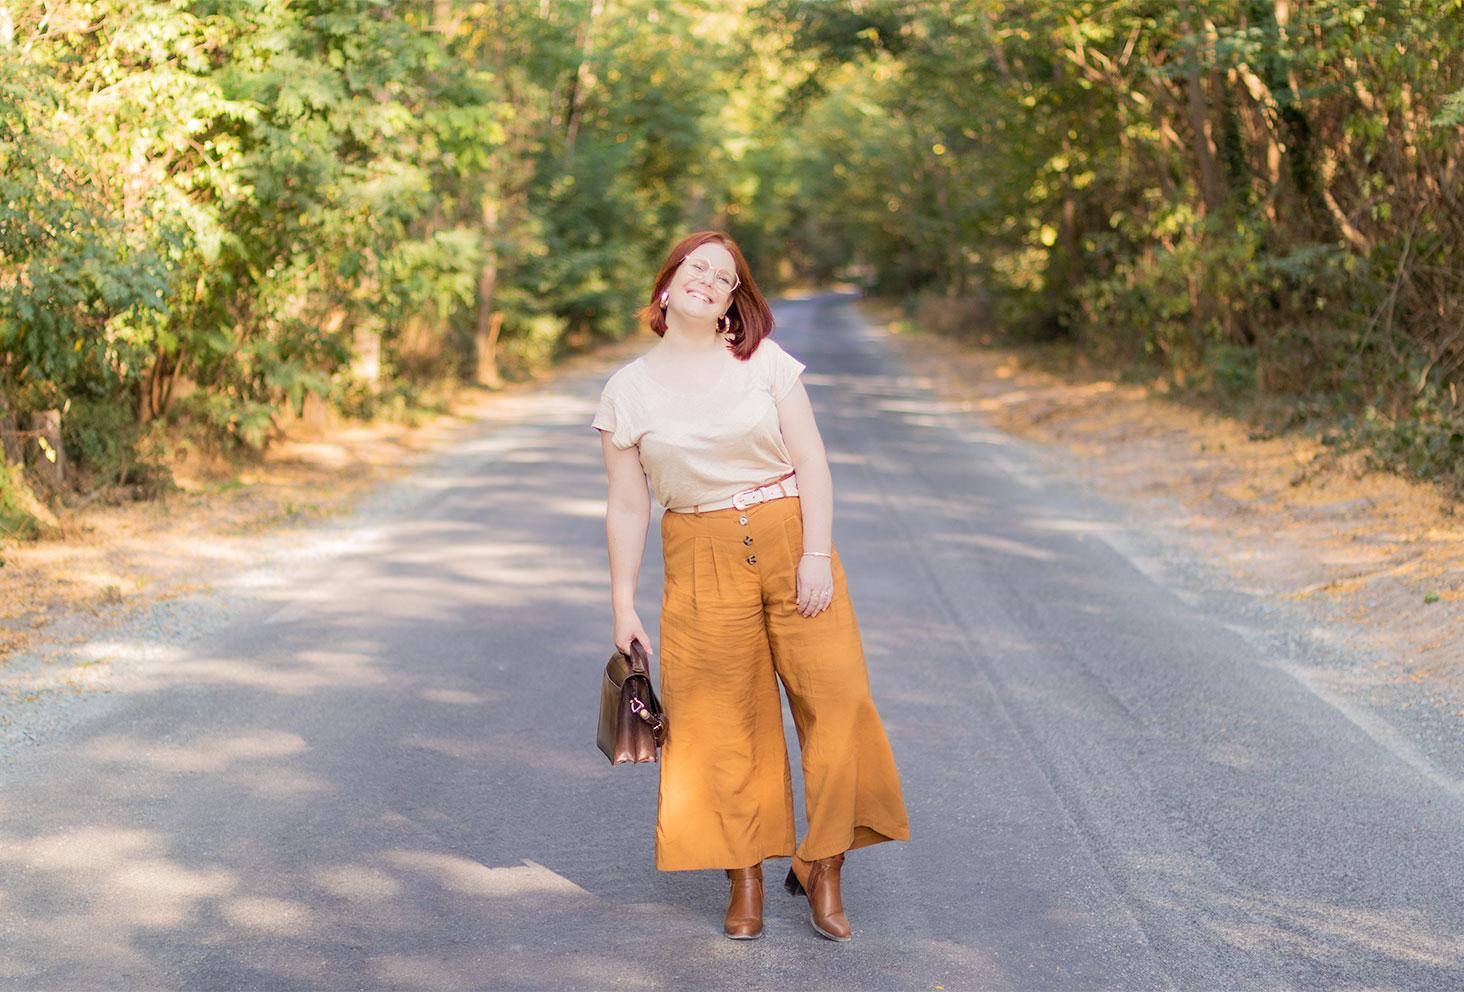 Au milieu des bois de Montlouis sur la route, en pantalon large et t-shirt beige, avec le sourire